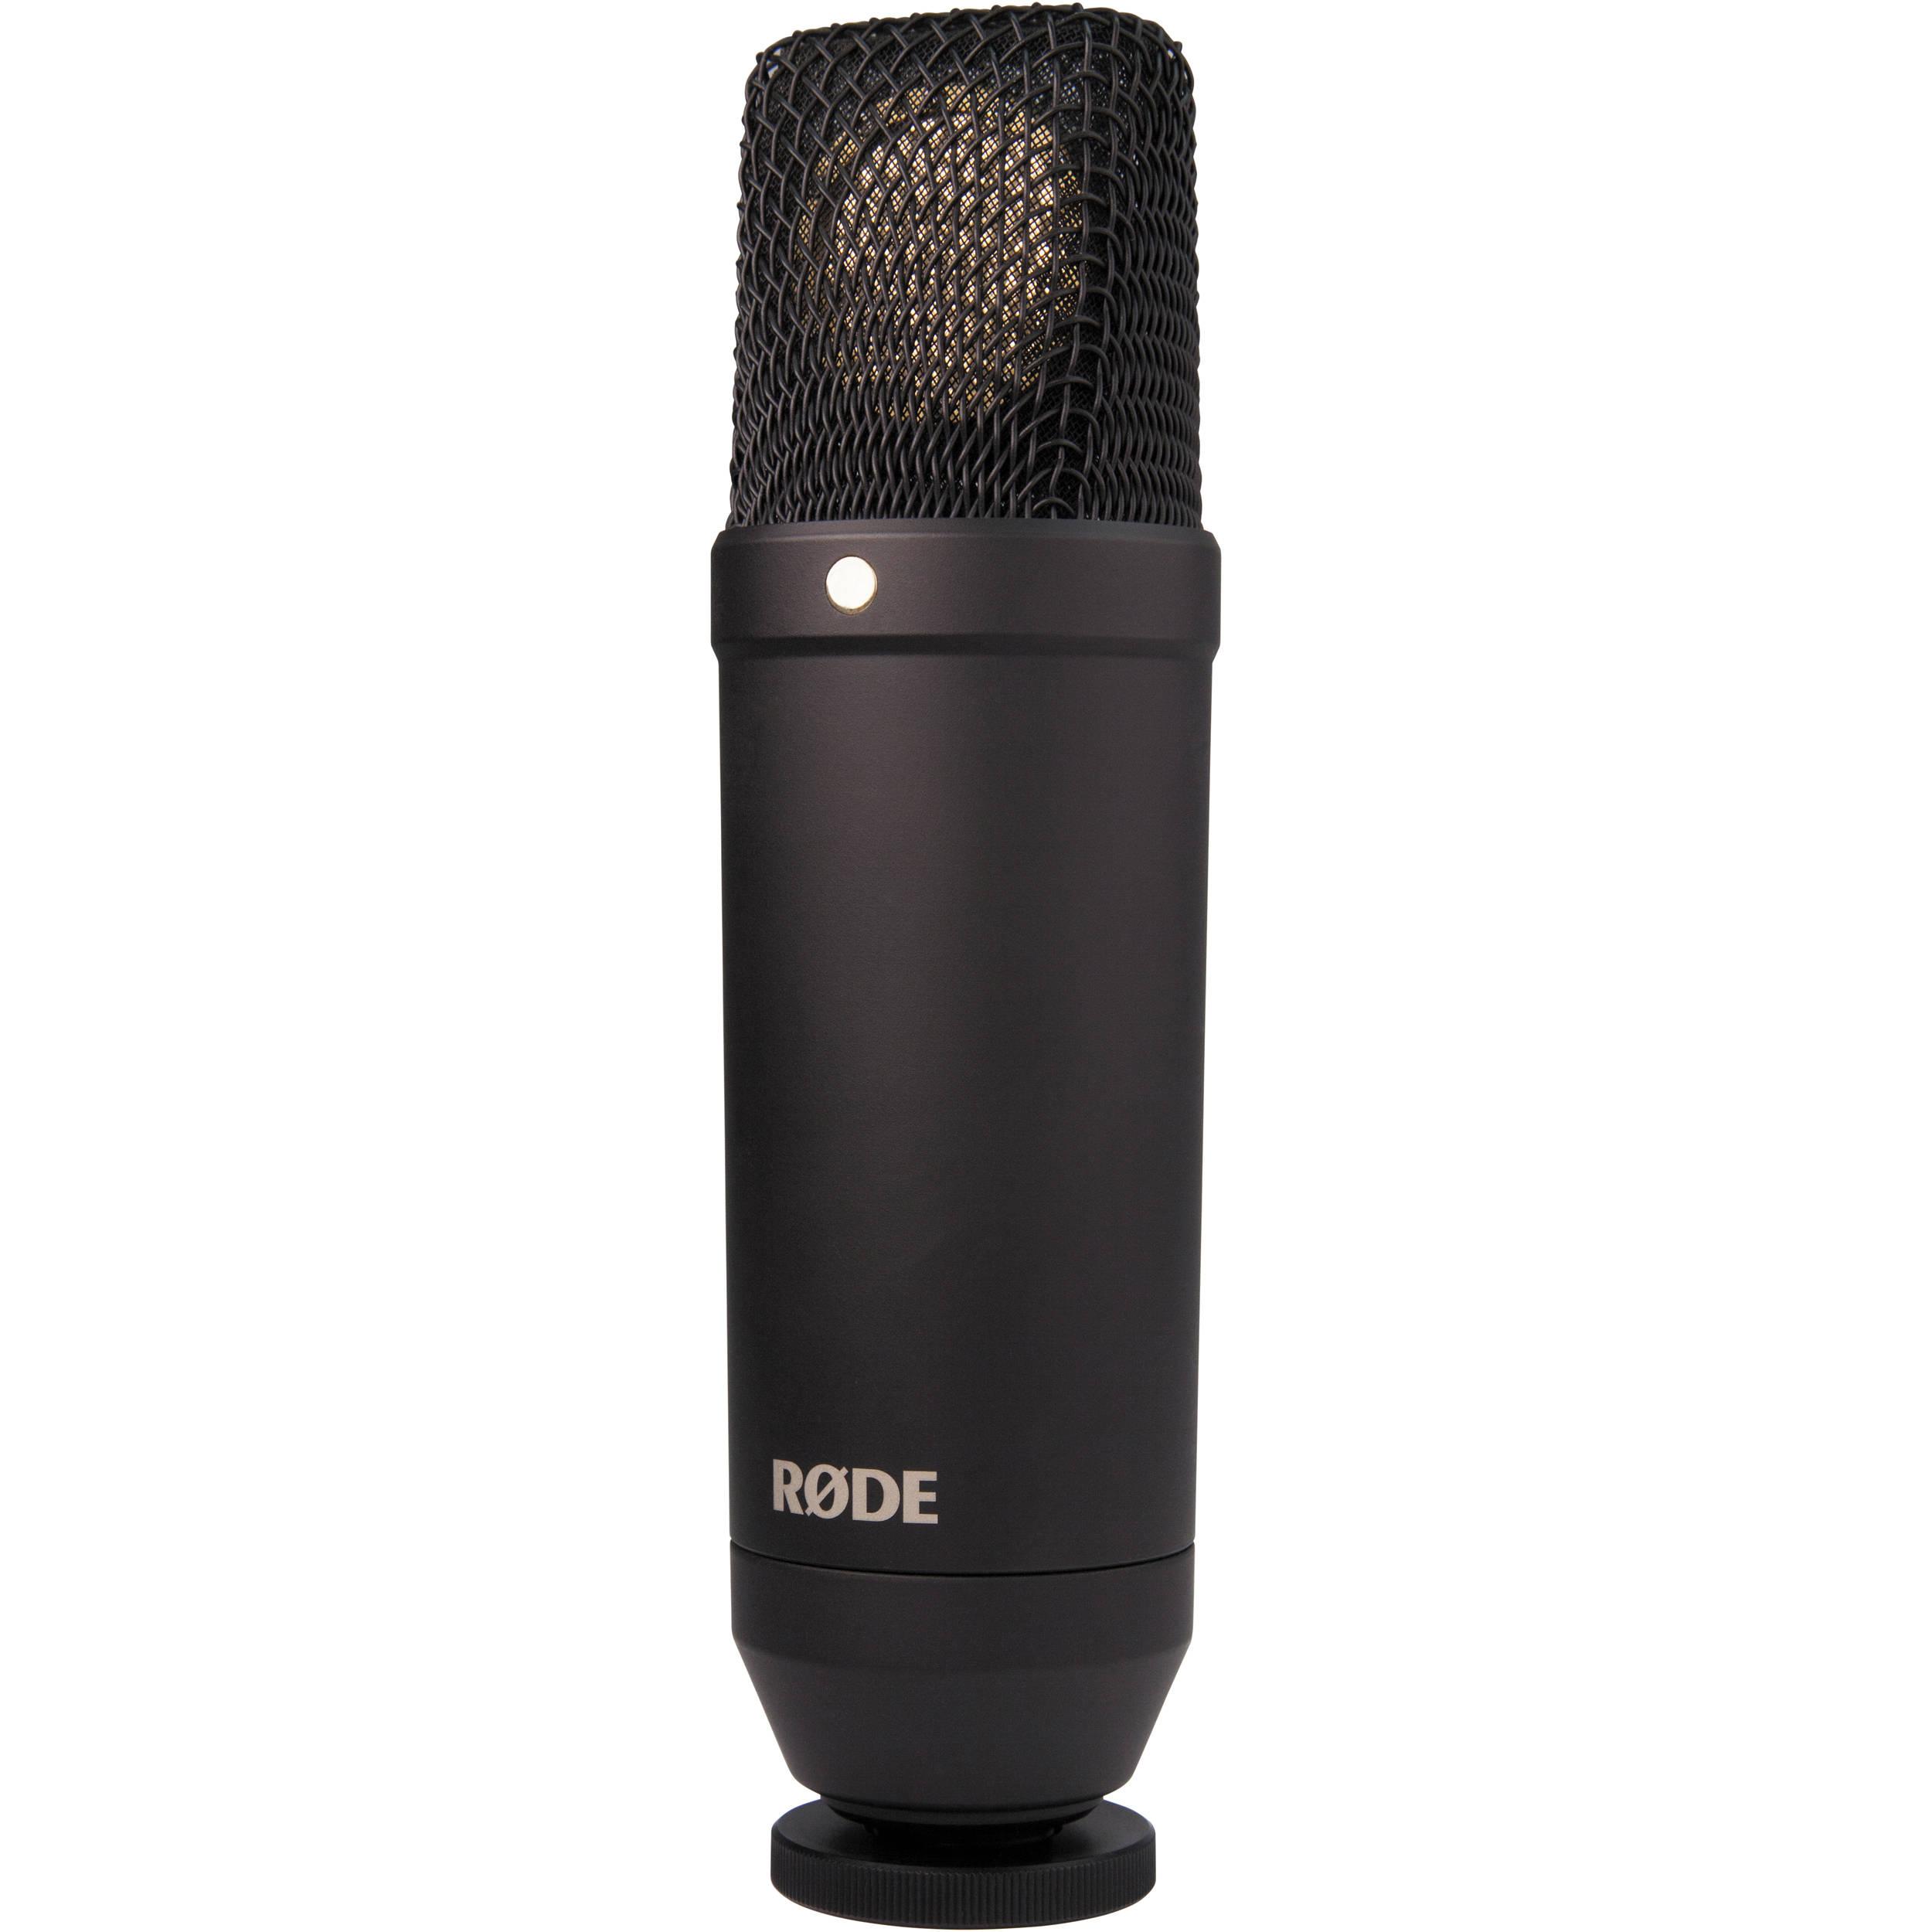 Rode Nt1 Microphone : rode nt1 cardioid condenser microphone microphone only nt1 b h ~ Hamham.info Haus und Dekorationen